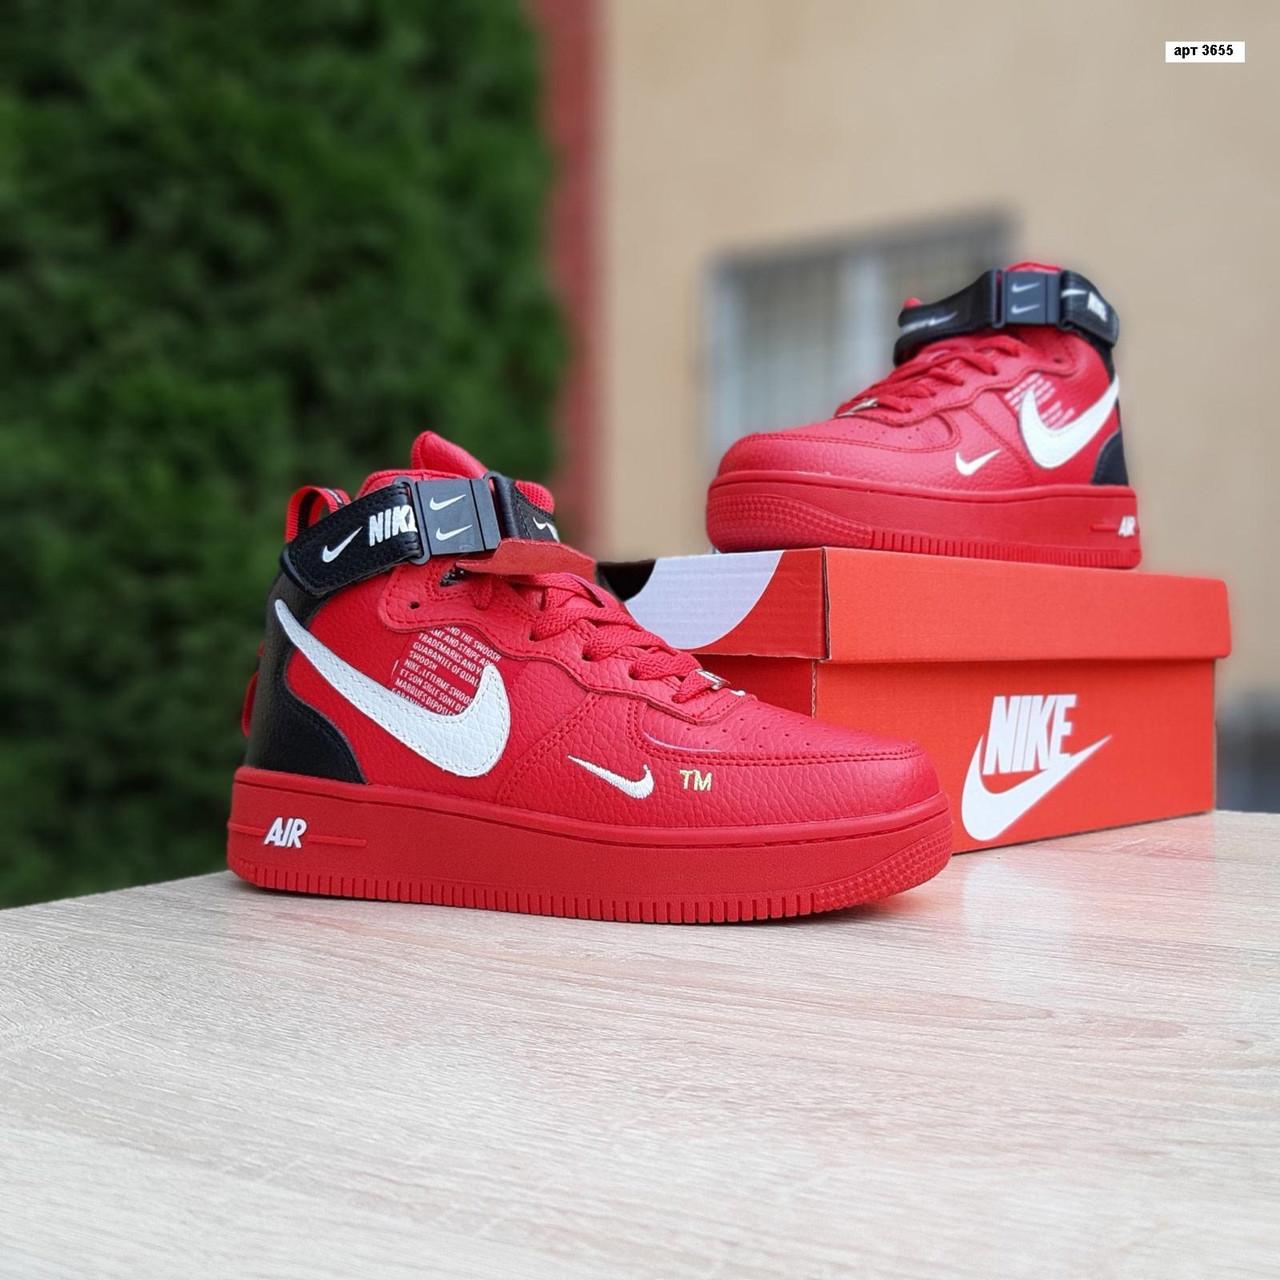 Жіночі зимові кросівки Nike Air Force 1 Mid LV8 (червоні) 3655